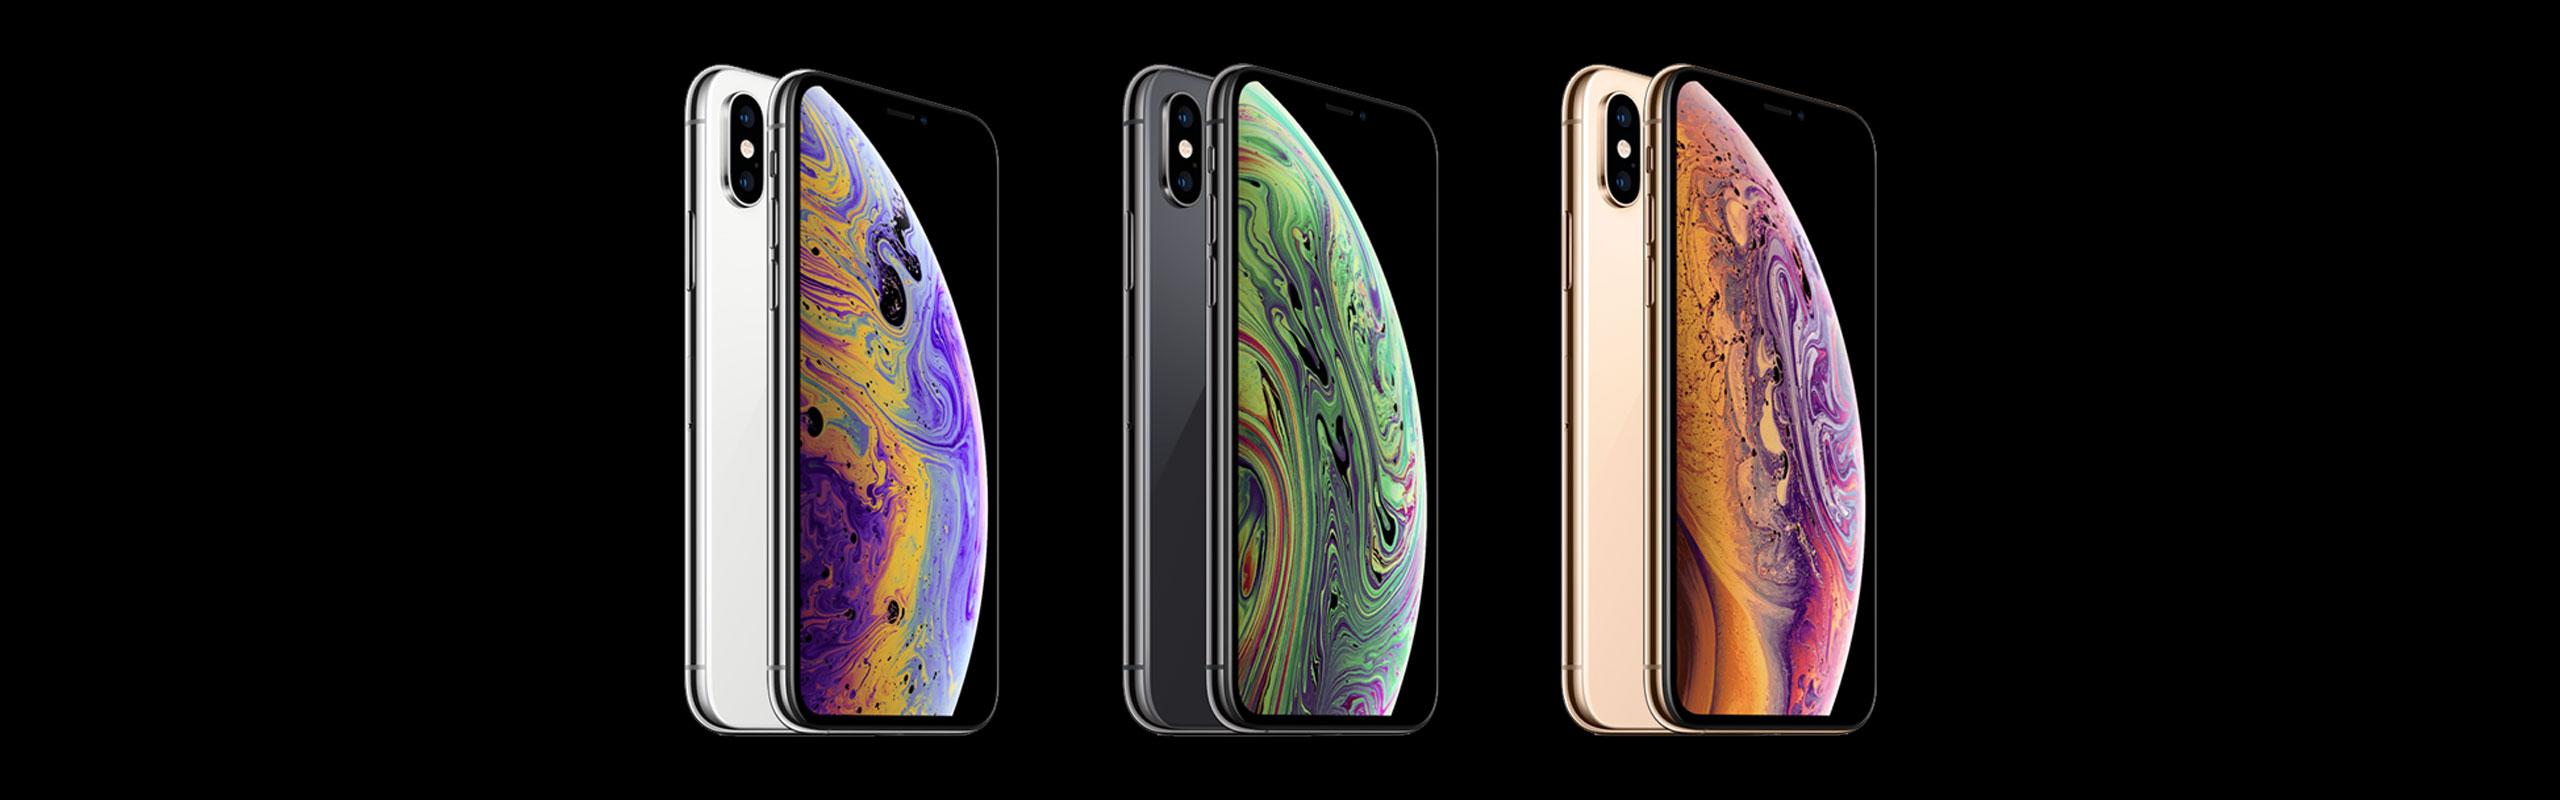 iPhone X, XS (Max), XR: Bedienungsanleitung auf Deutsch downloaden